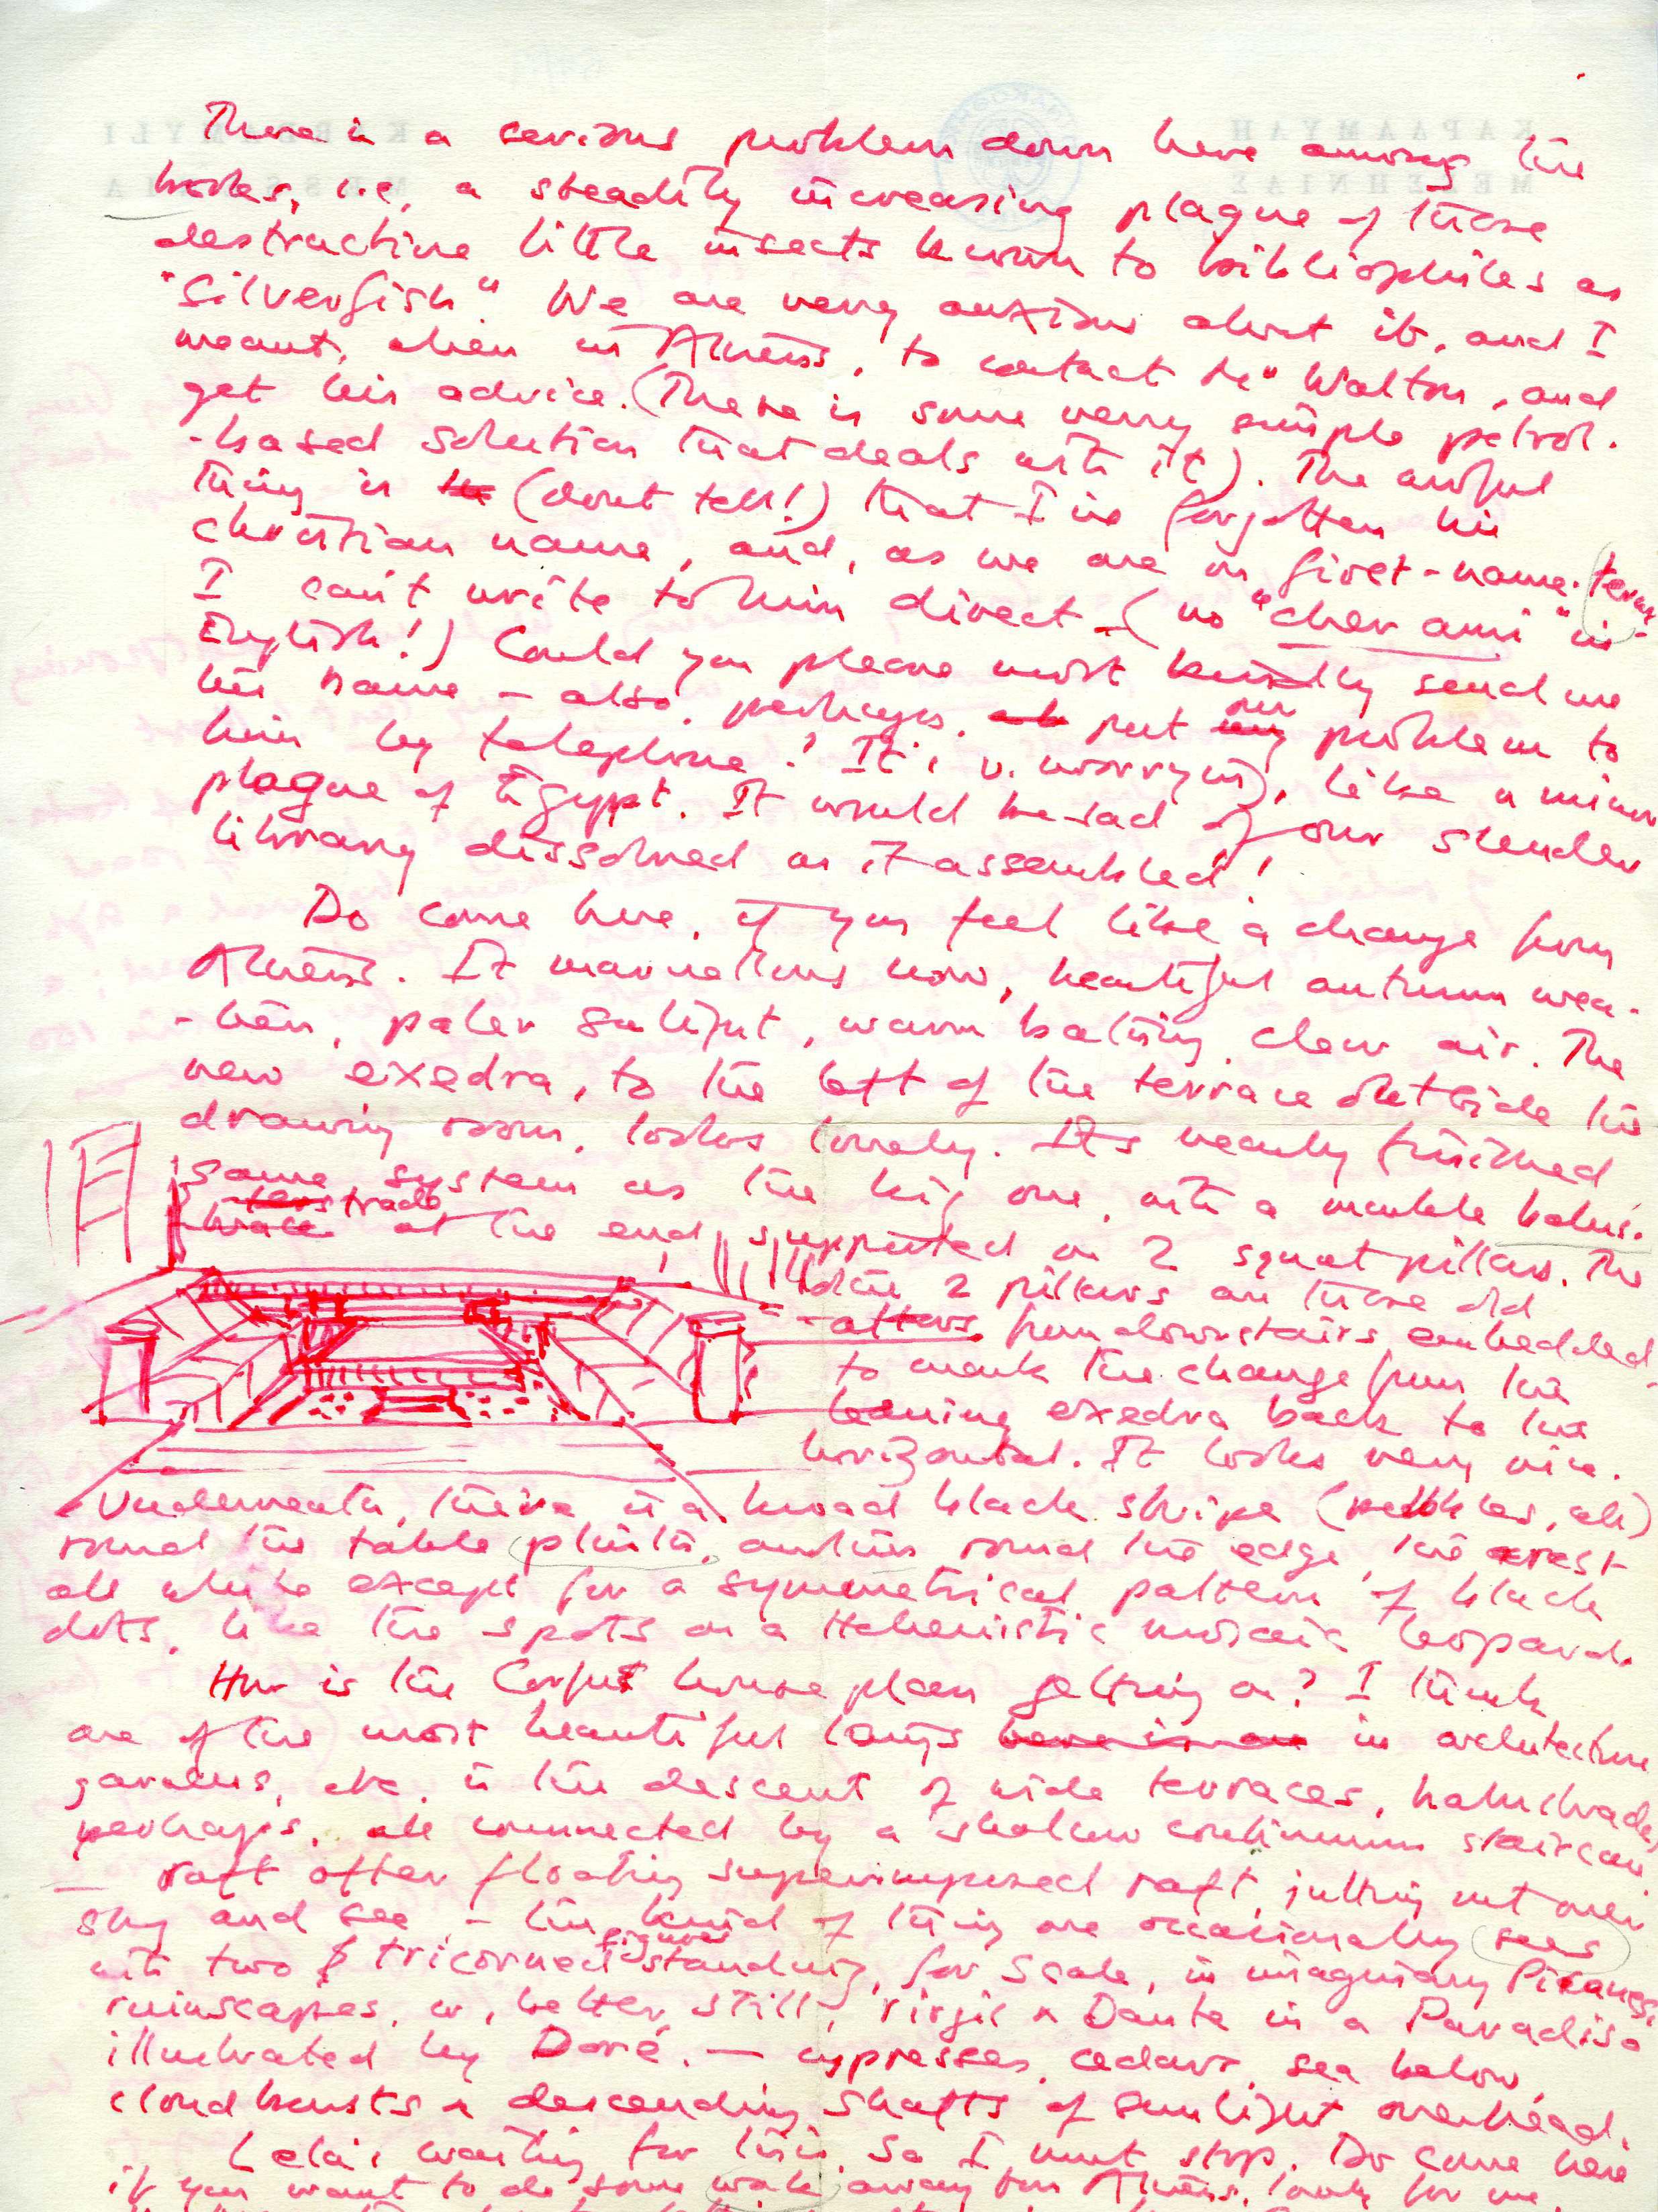 Επιστολή του P. Leigh Fermor στον Ν. Χ. Γκίκα, 2 Οκτωβρίου 1969, Μουσείο Μπενάκη – Πινακοθήκη Γκίκα, Αρχείο Εγγράφων © 2017 The Estate of Patrick Leigh Fermor